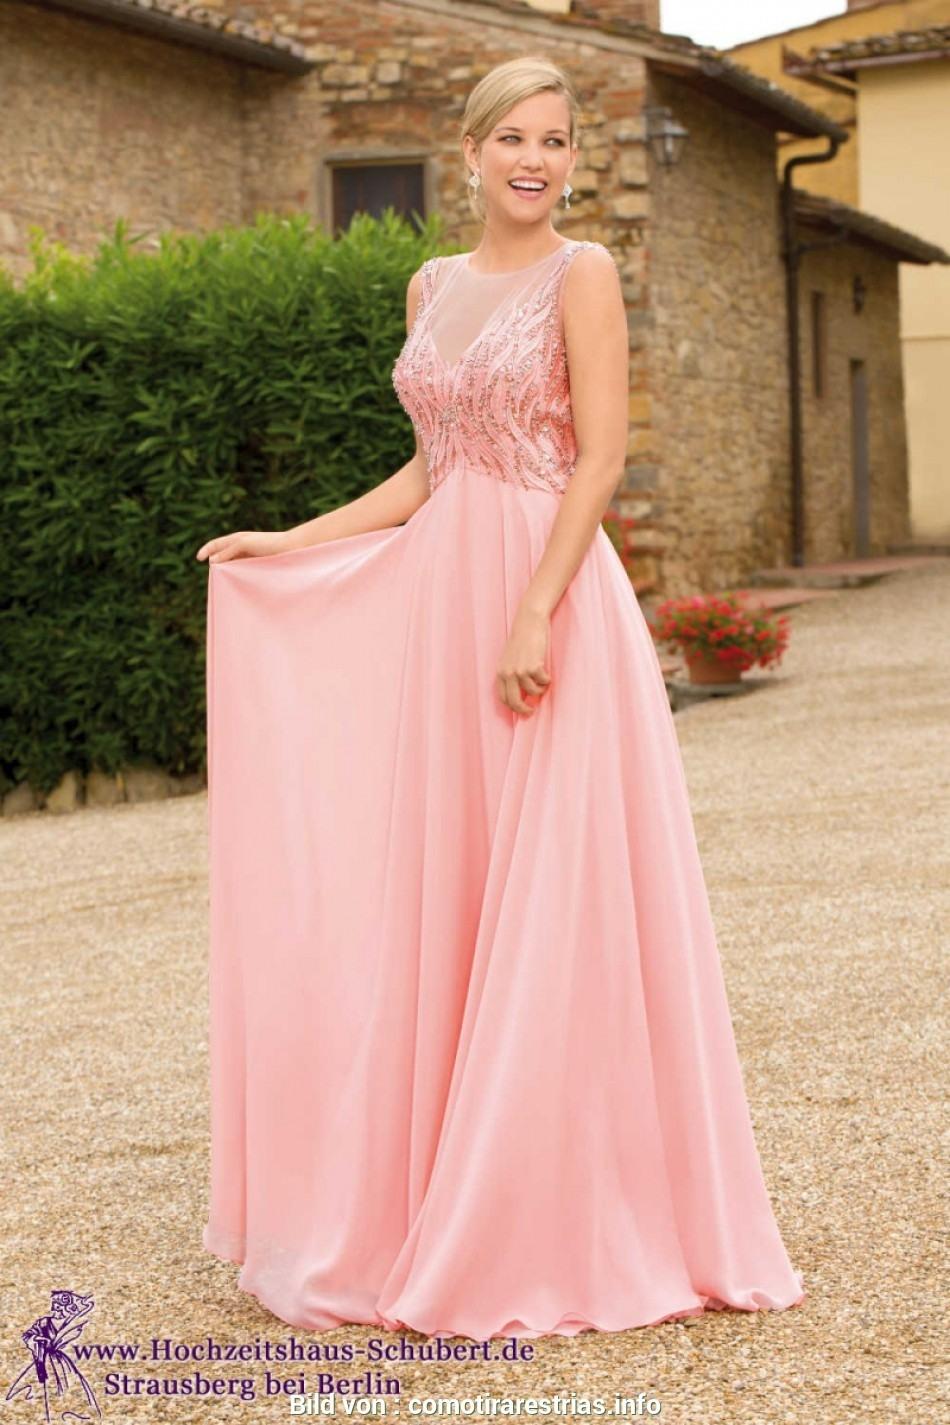 10 Einfach Abendkleider Nrw Spezialgebiet Schön Abendkleider Nrw Stylish